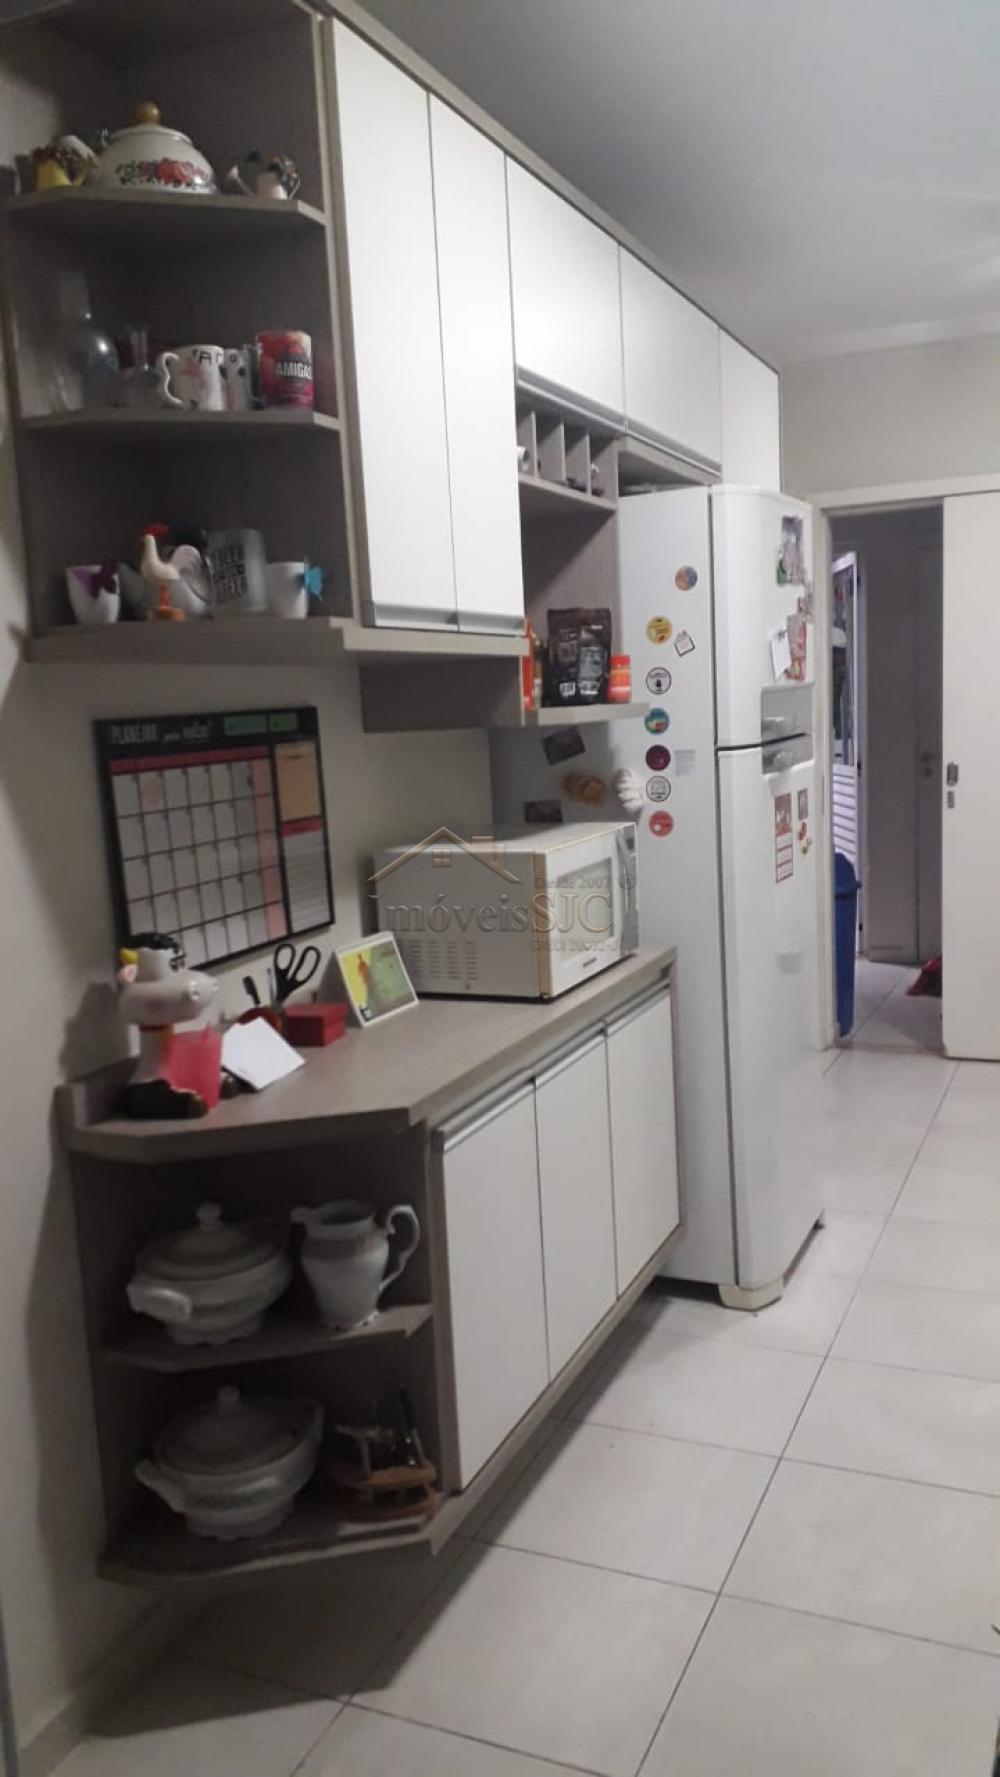 Alugar Apartamentos / Padrão em São José dos Campos R$ 7.500,00 - Foto 10